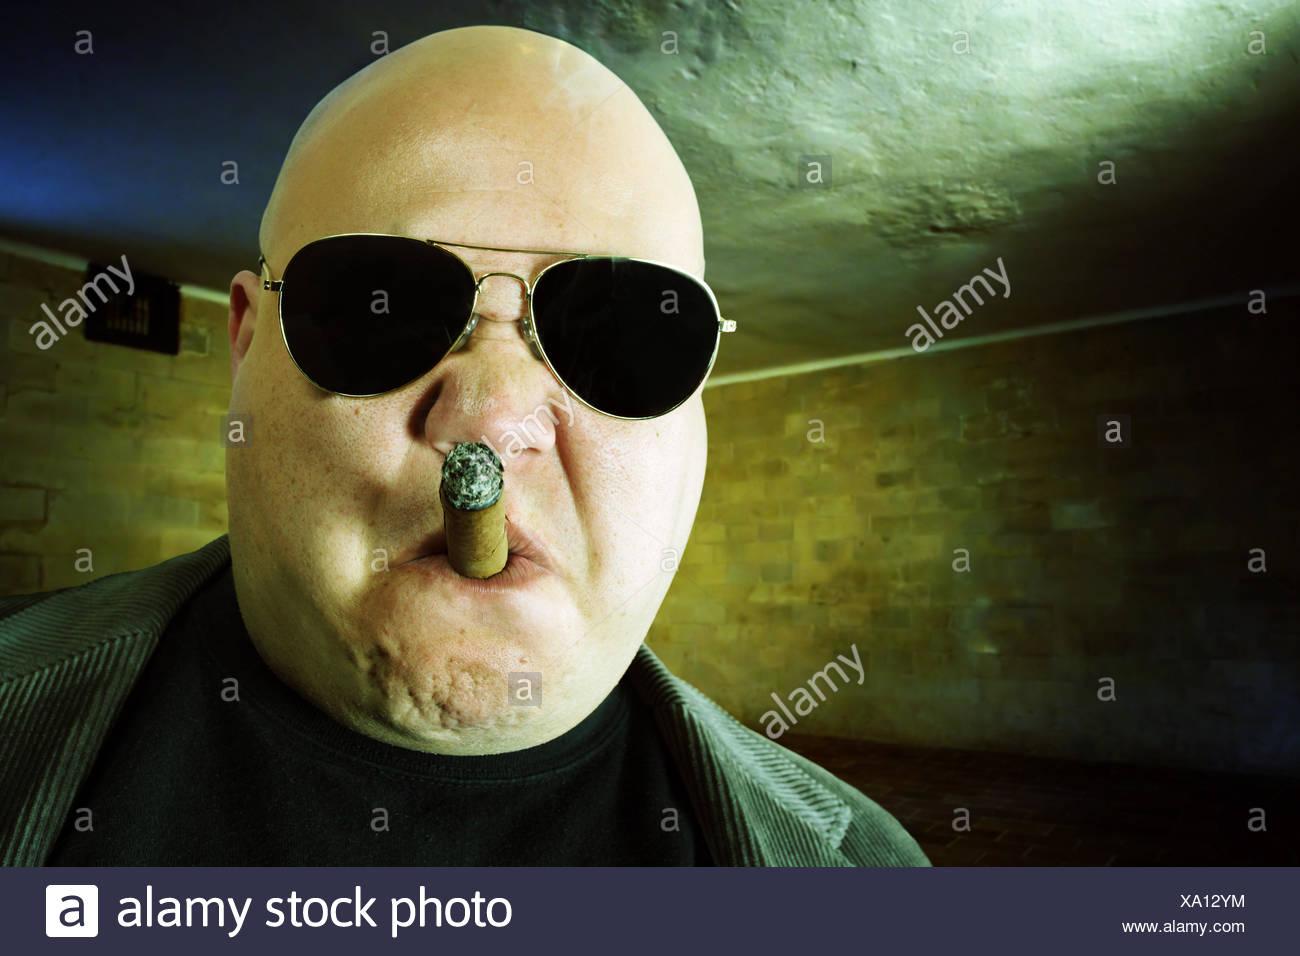 cigar hooligan leader - Stock Image